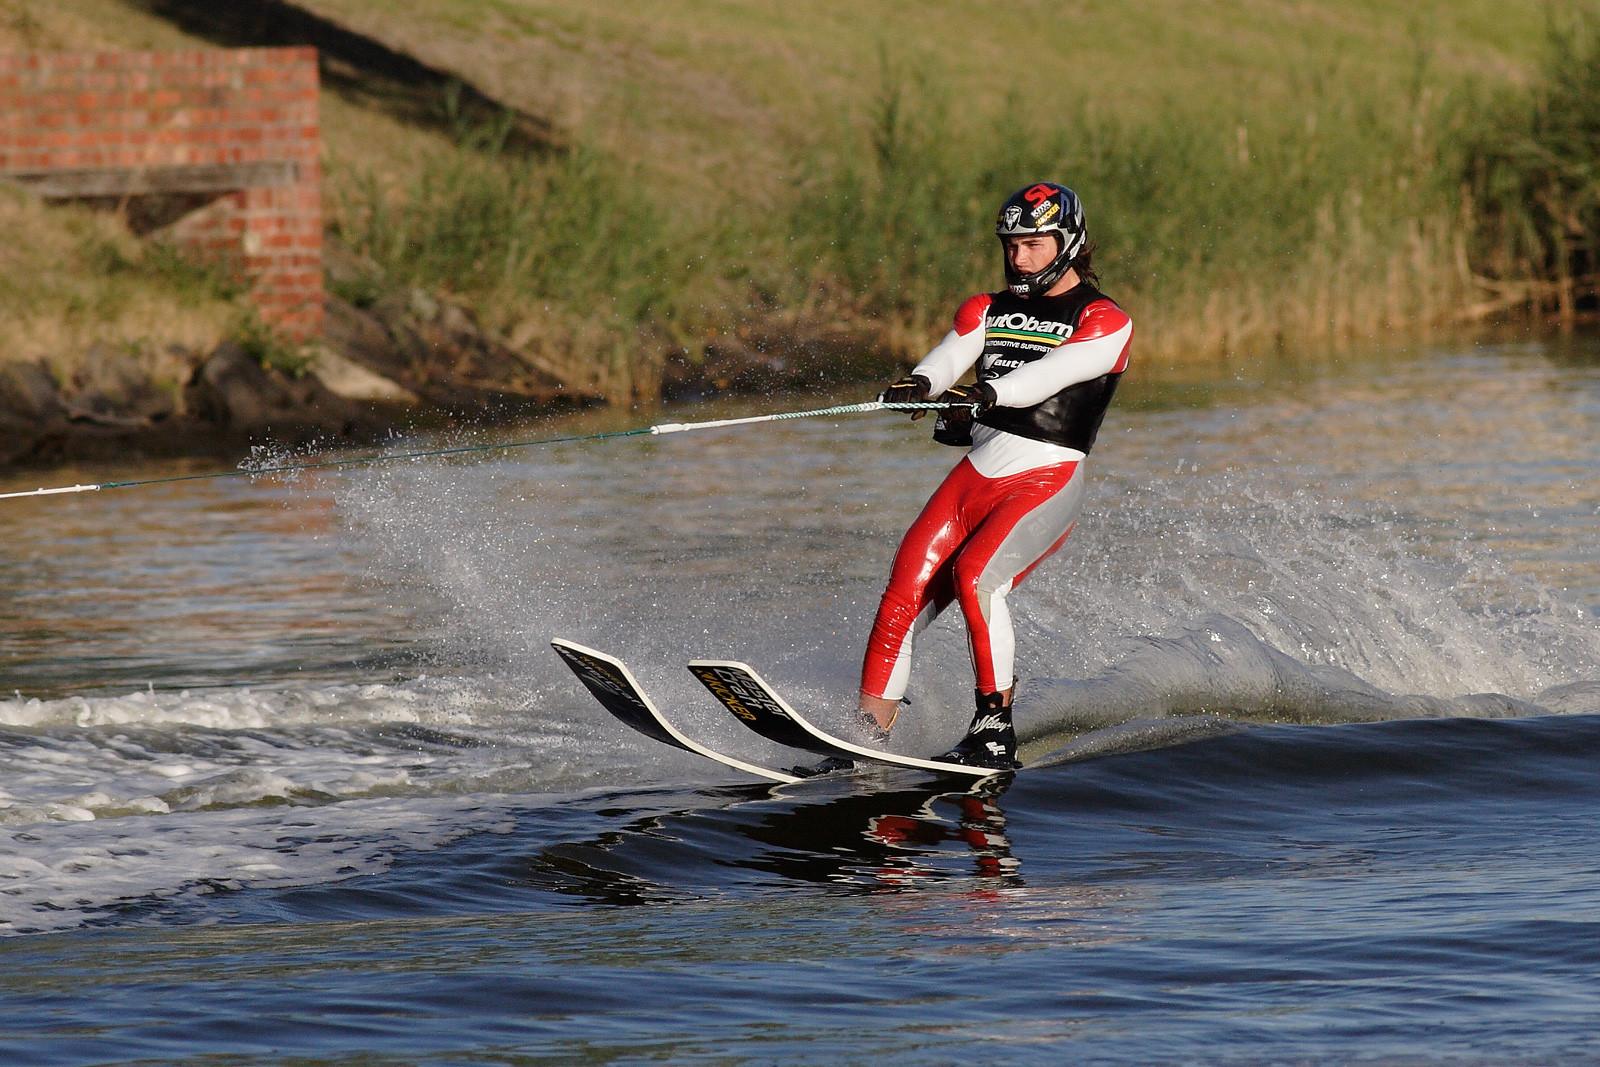 Water_skiing_on_the_yarra02.jpg